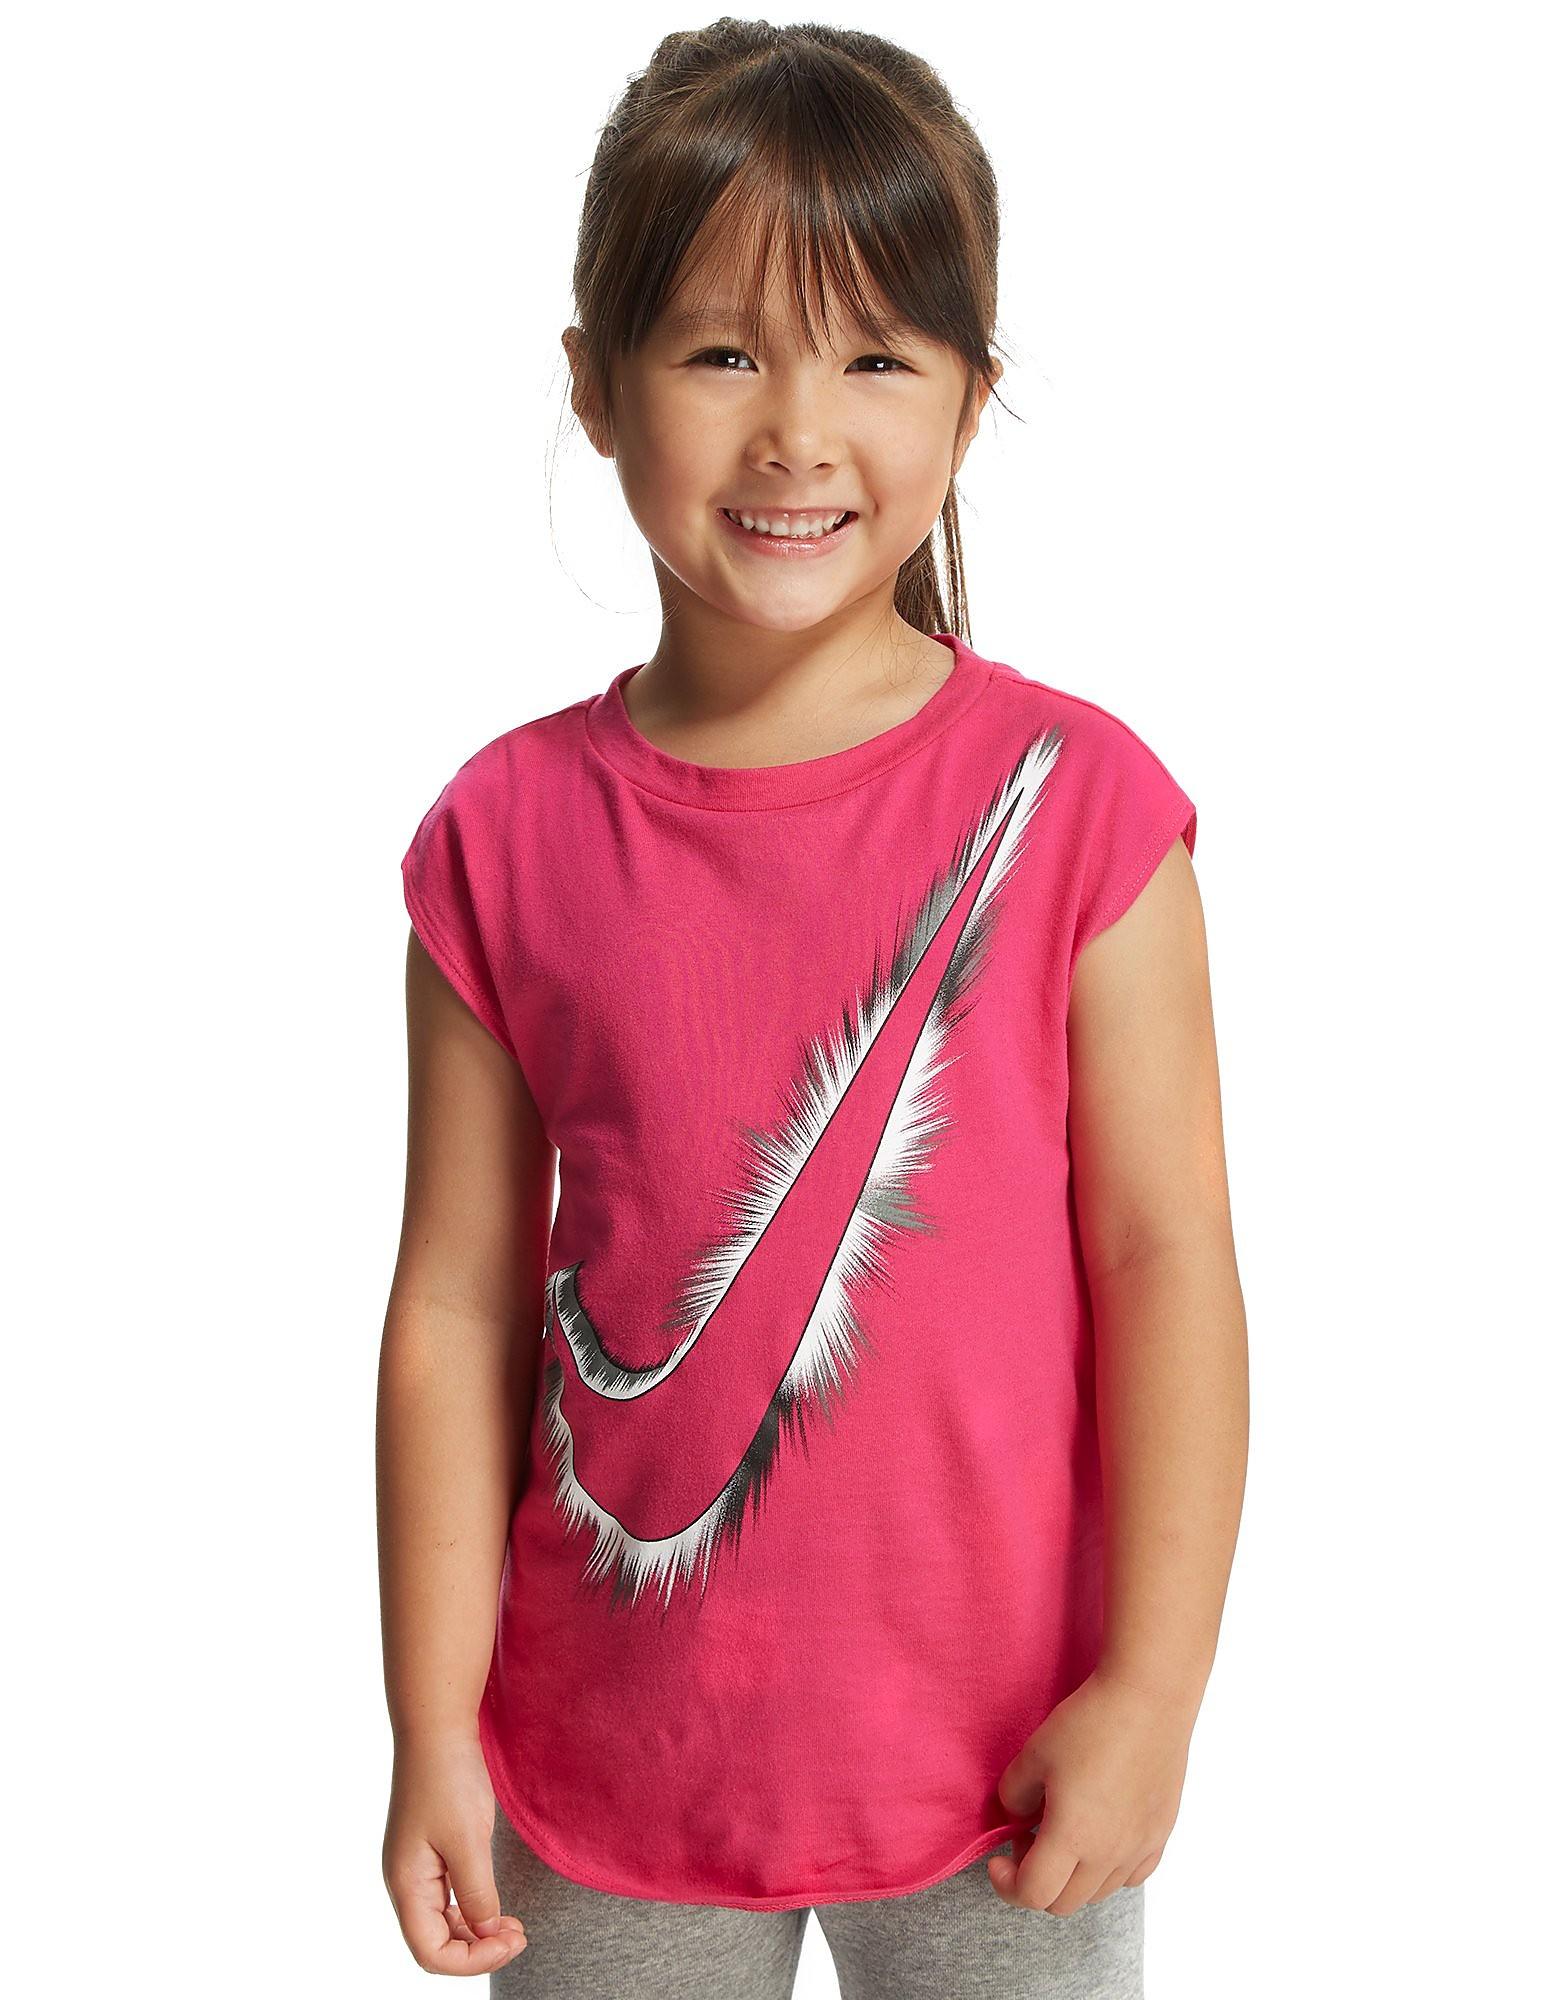 Nike Swoosh T-Shirt Children